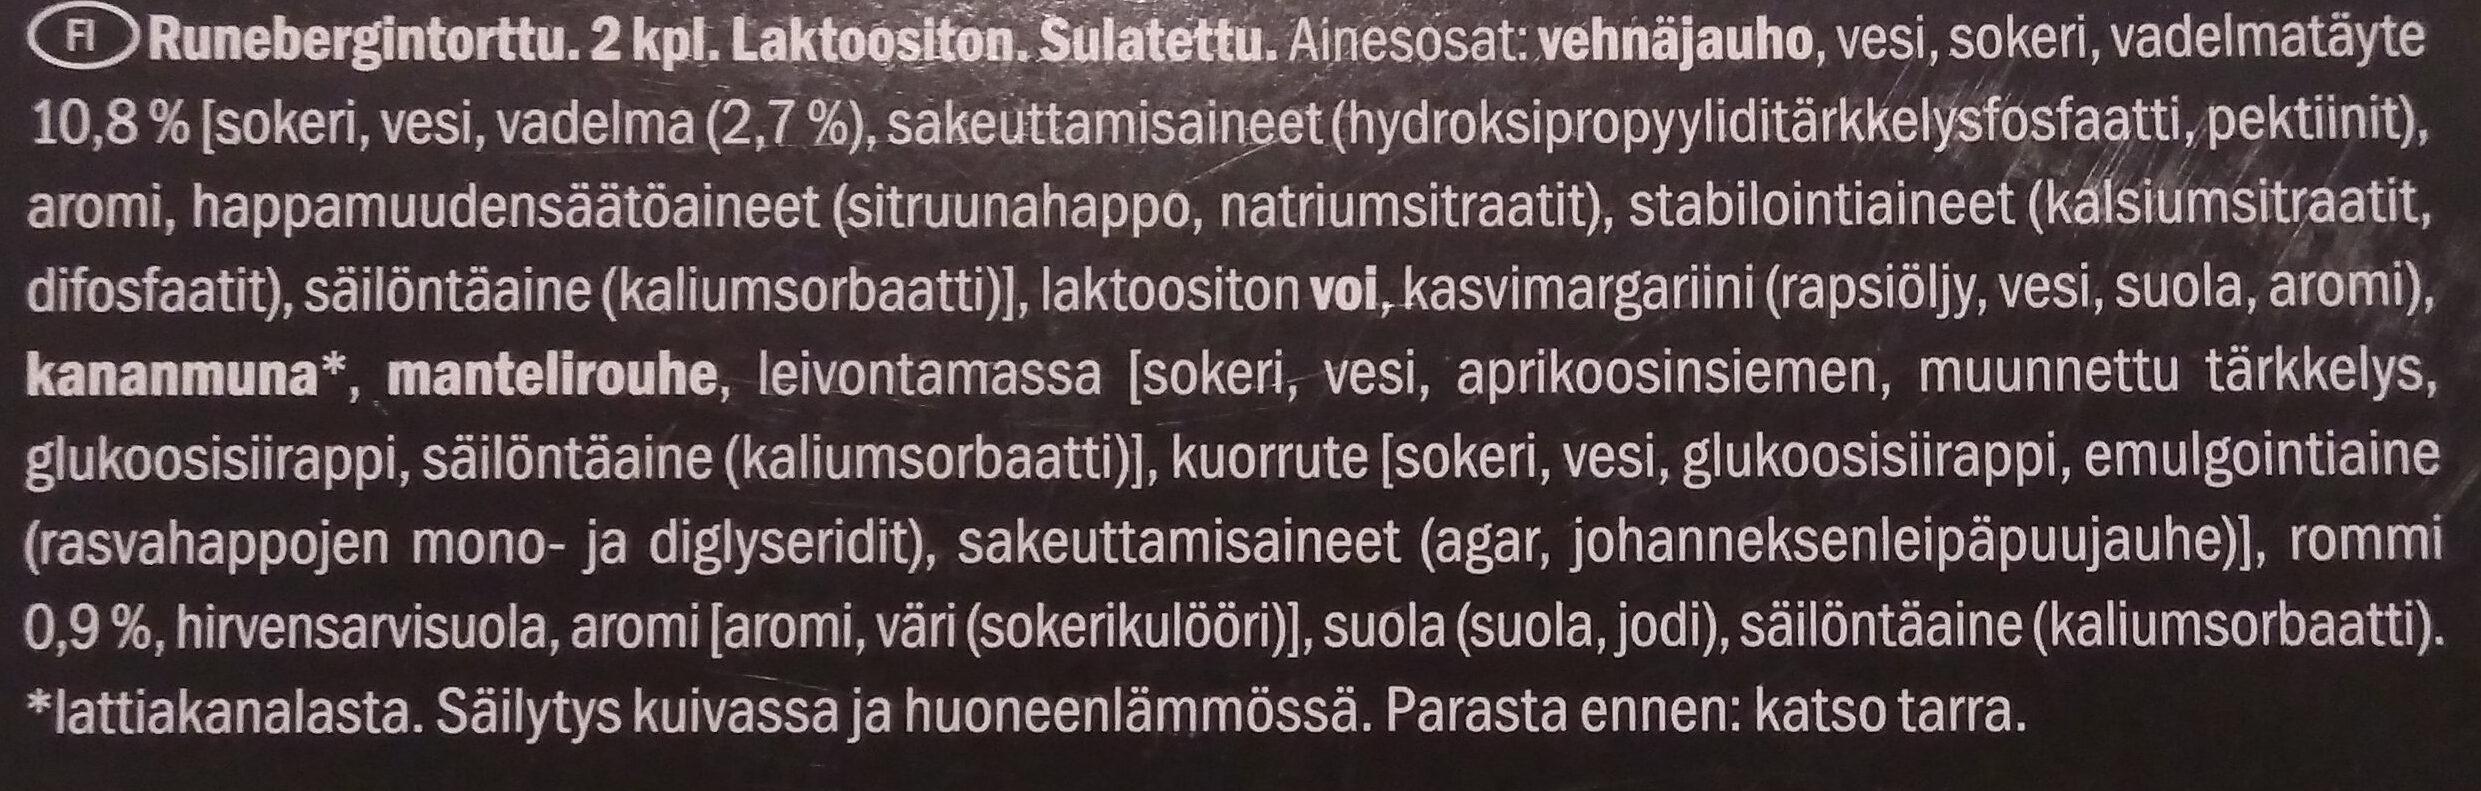 Runebergintorttu - Ingredients